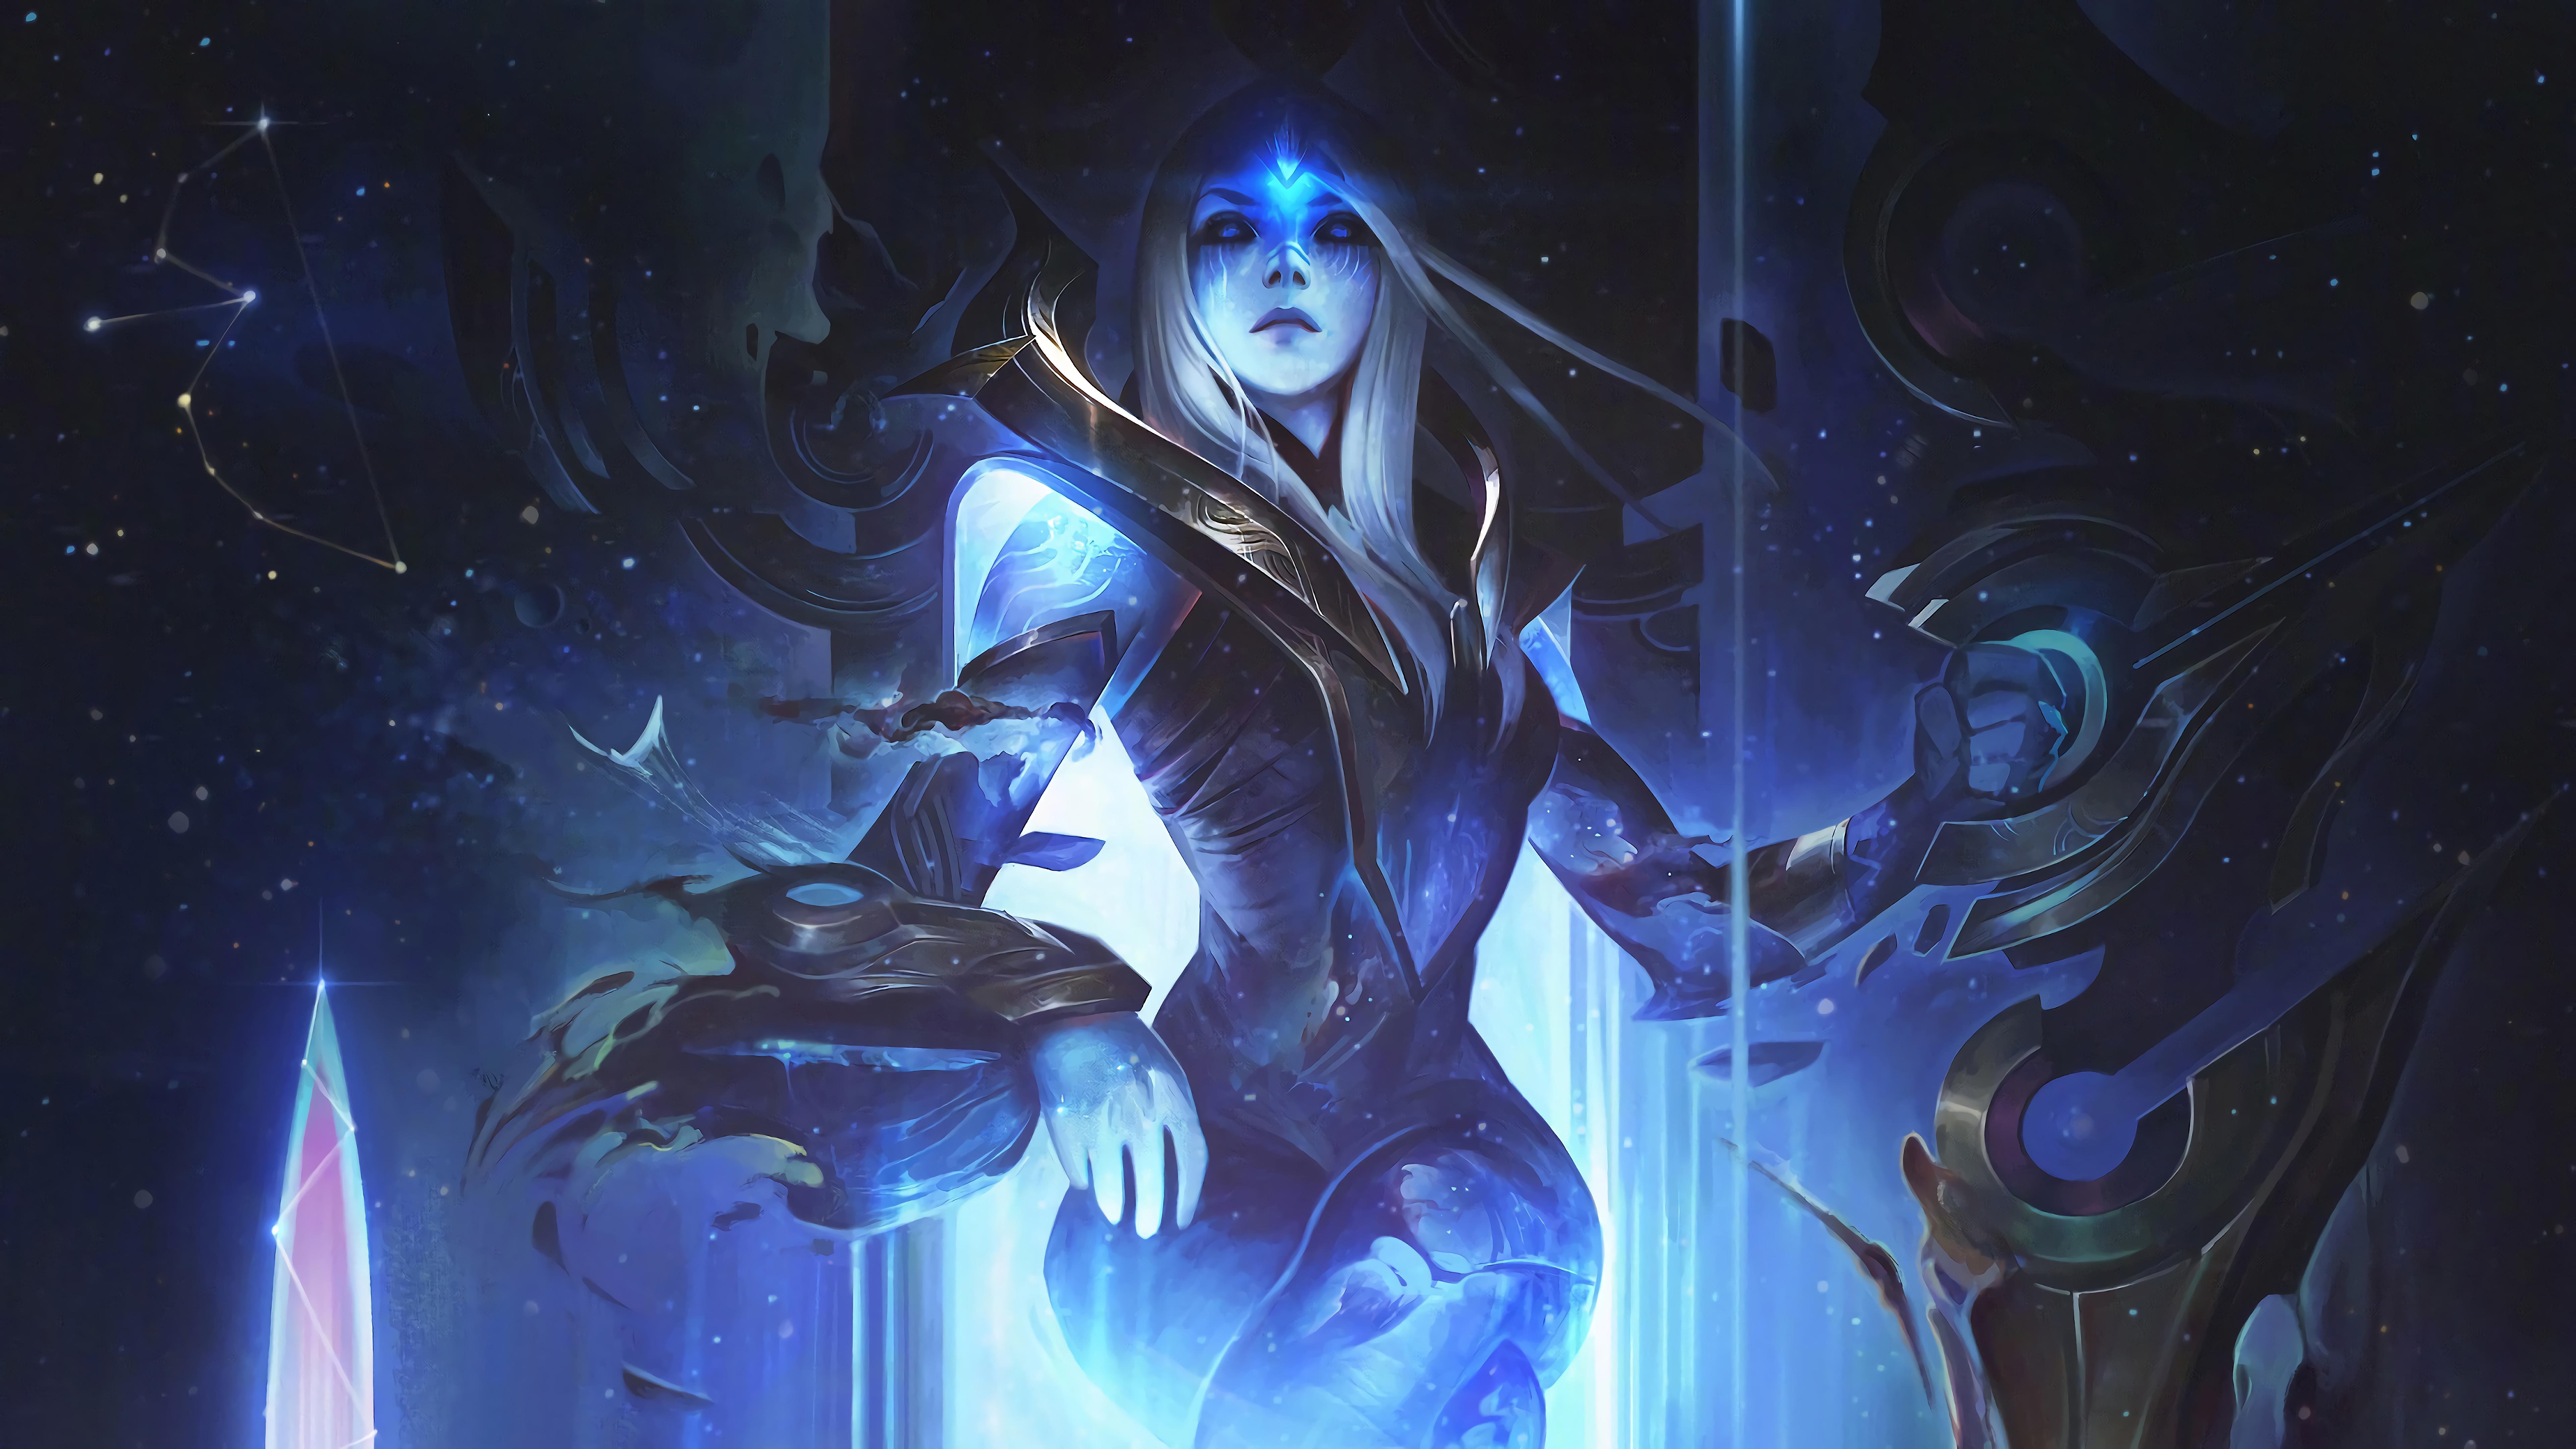 cosmic queen ashe lol league of legends lol 1574103855 - Cosmic Queen Ashe LoL League of Legends lol - league of legends, Cosmic - League of Legends, Ashe